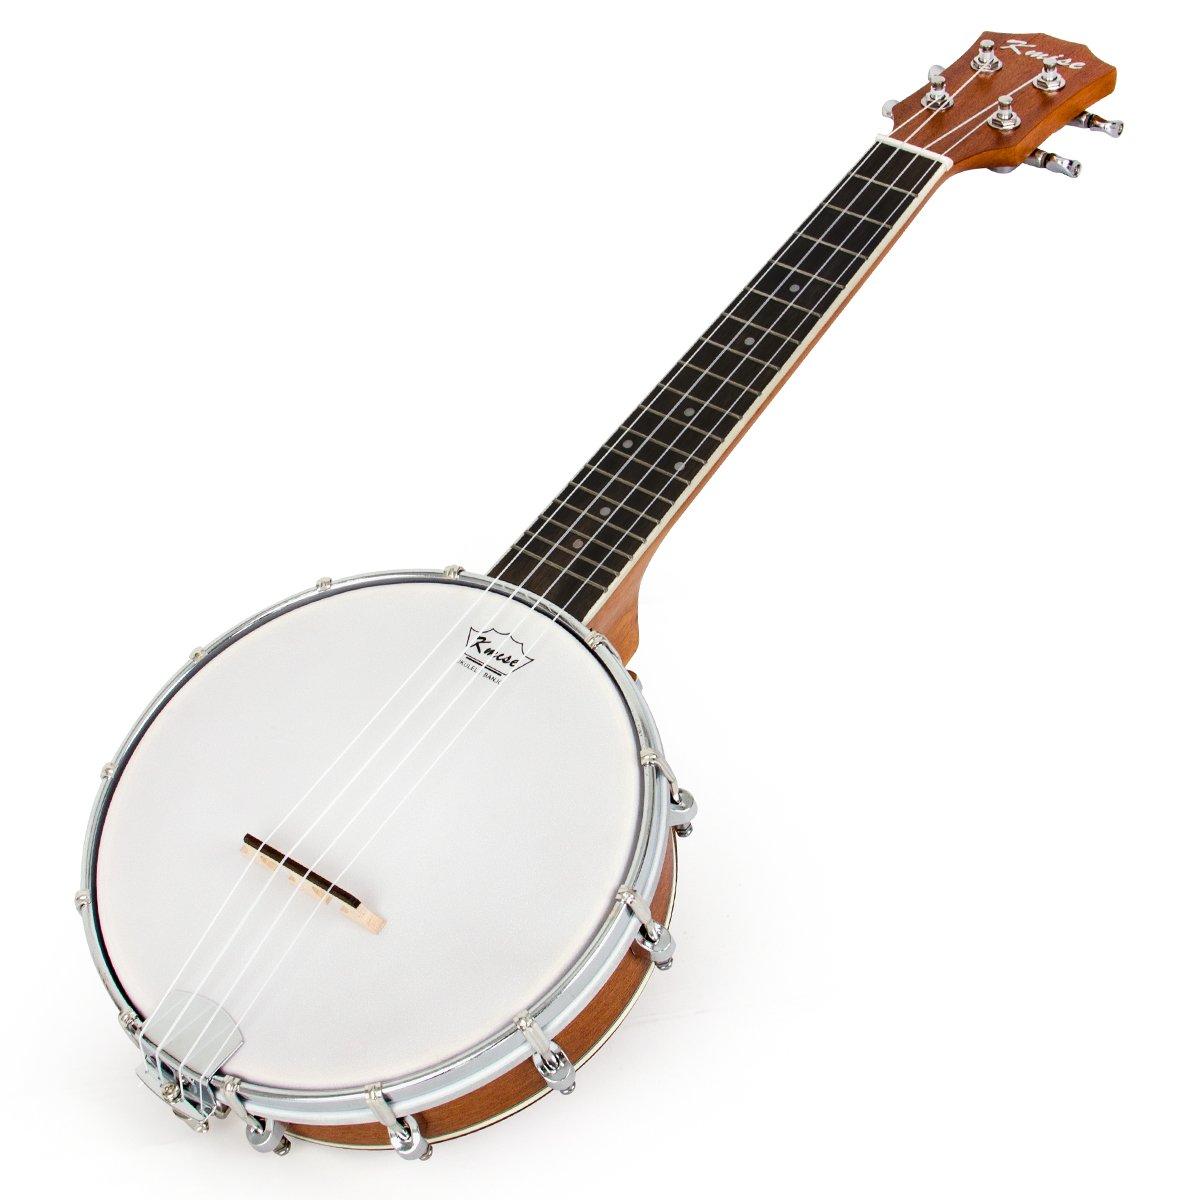 Banjo Ukulele 4 String Banjos lele Ukelele Uke Concert 23 Inch Size (Type 4) Kmise Banjo-4